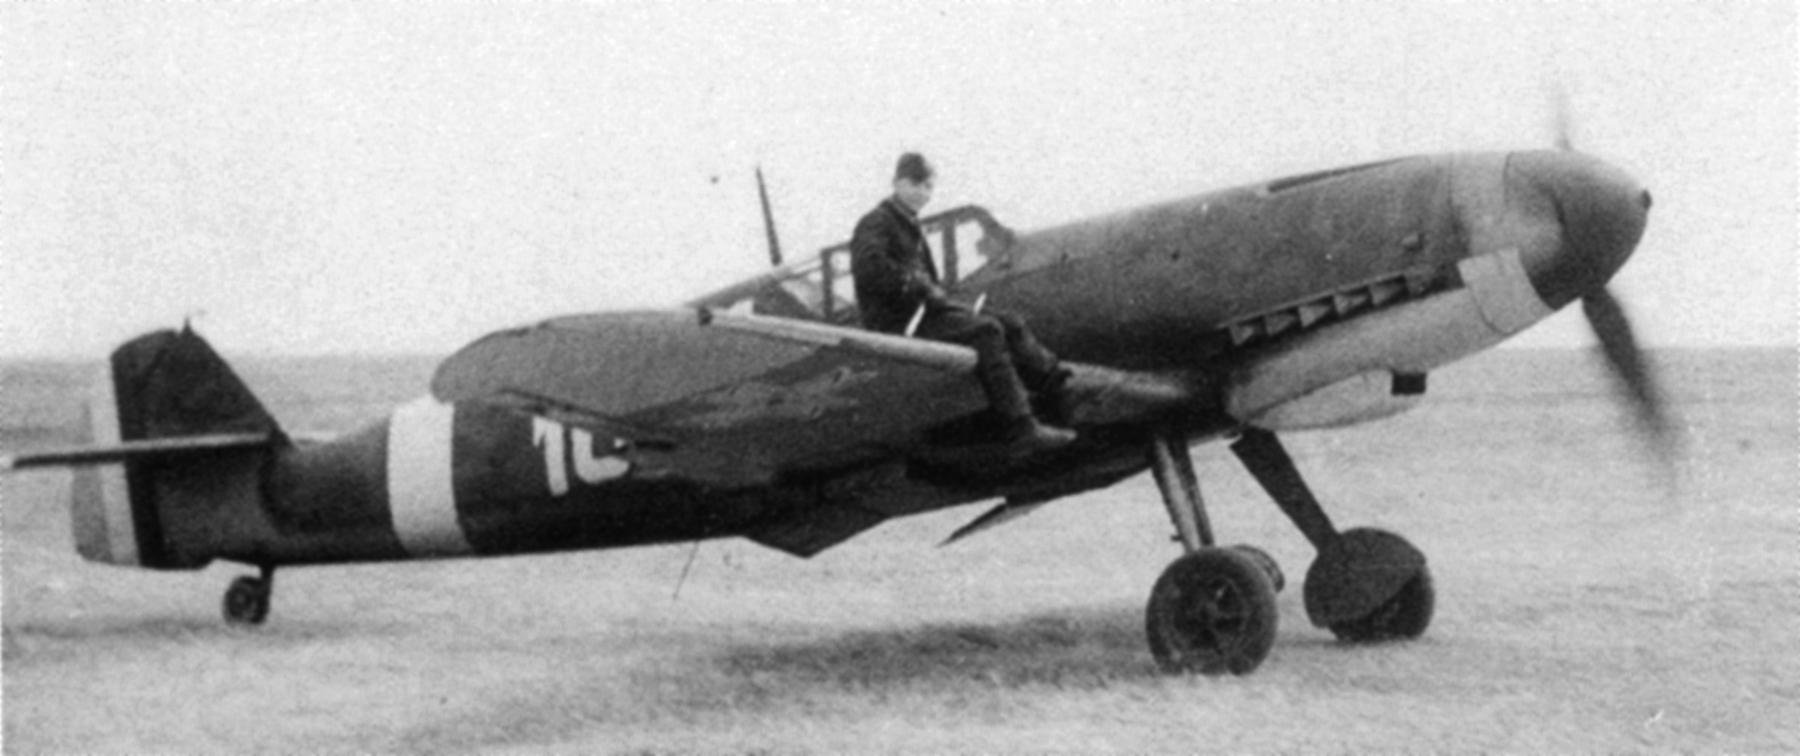 Messerschmitt Bf 109G2 RRAF 7FG White 10 guarding Ploiesti Oil installations summer 1943 01